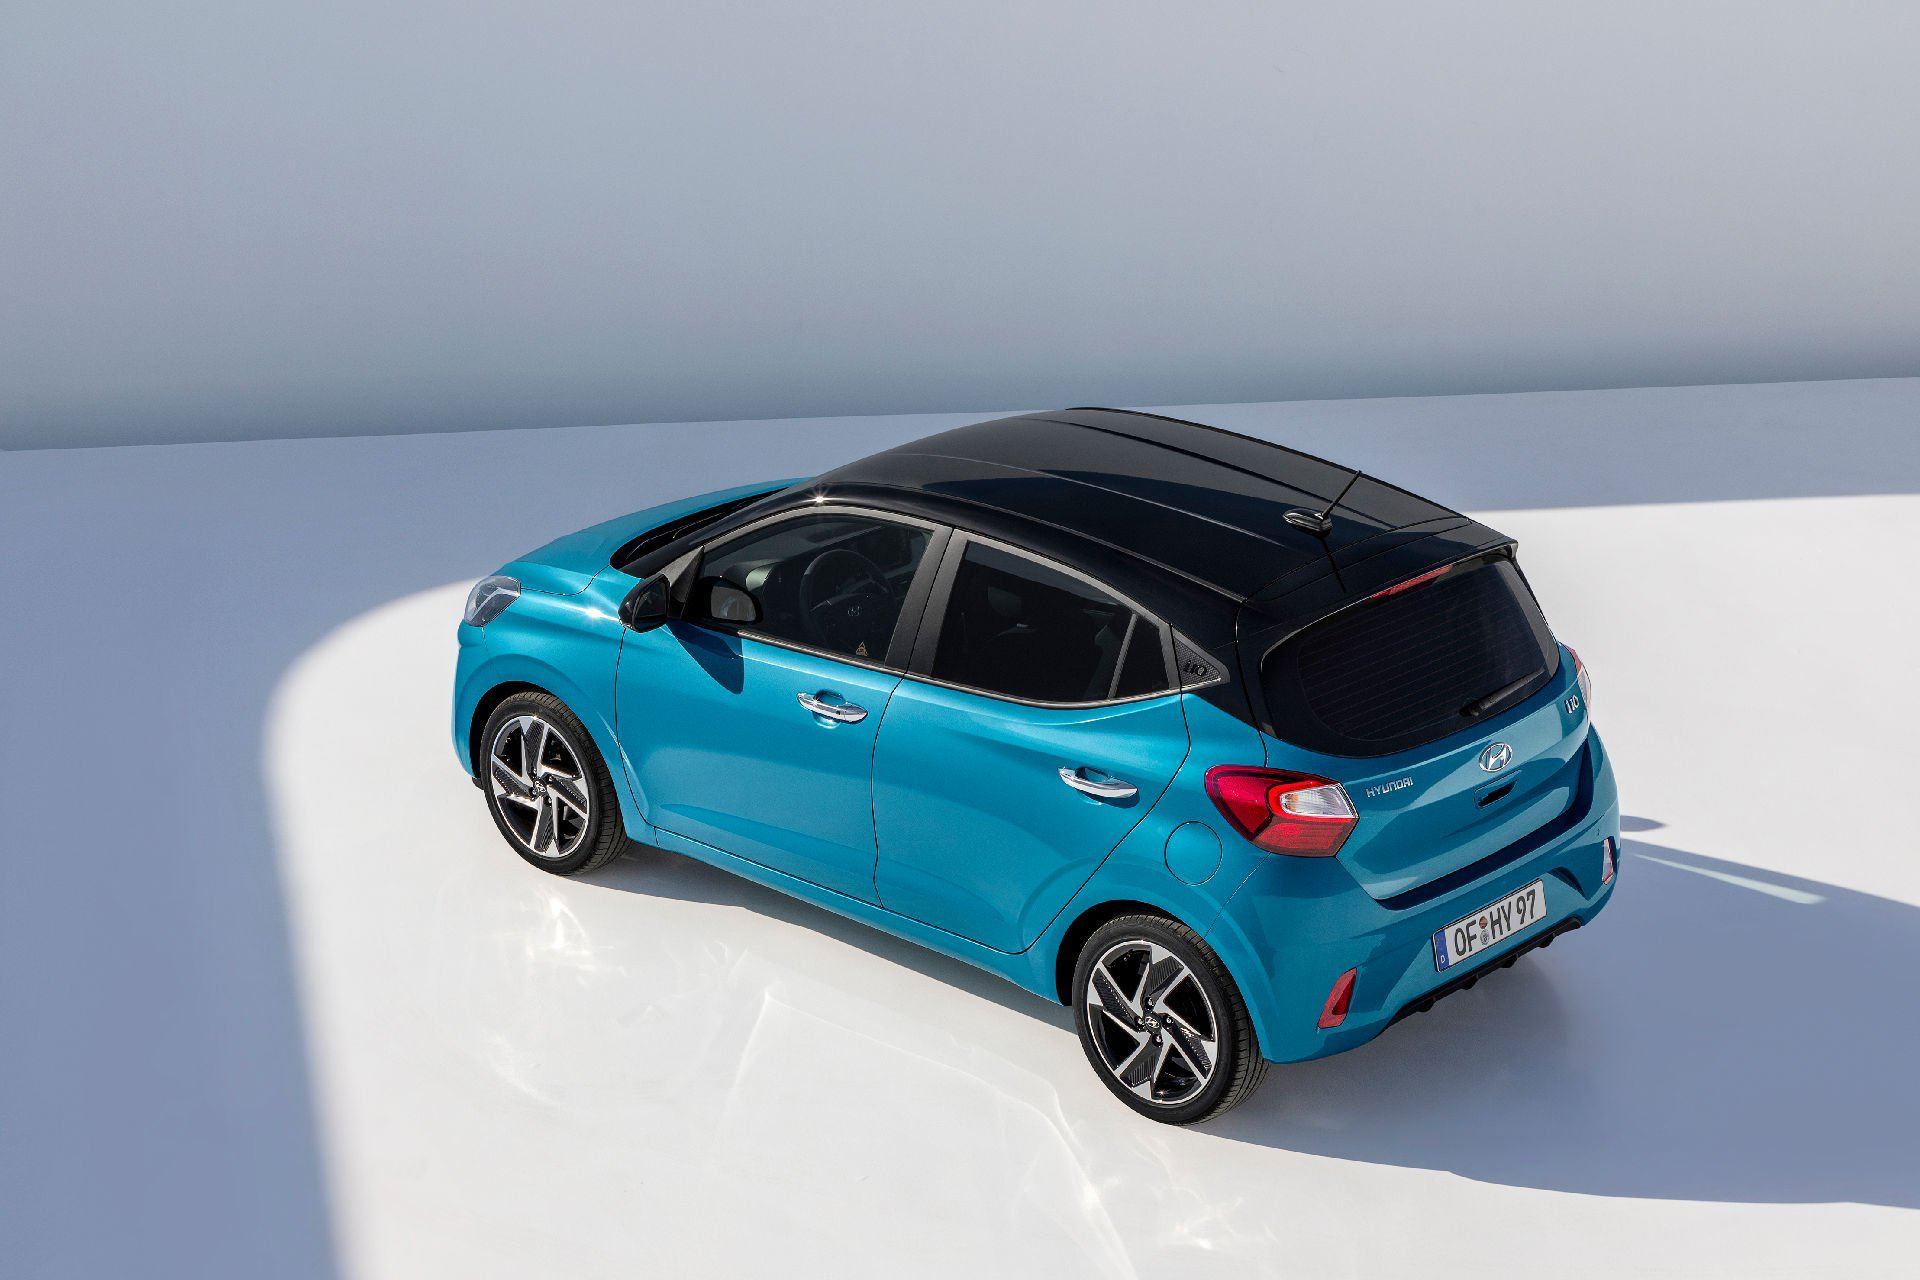 Hyundai i10 thế hệ mới sắp được ra mắt tại Frankfurt Motor Show 2019 - 3